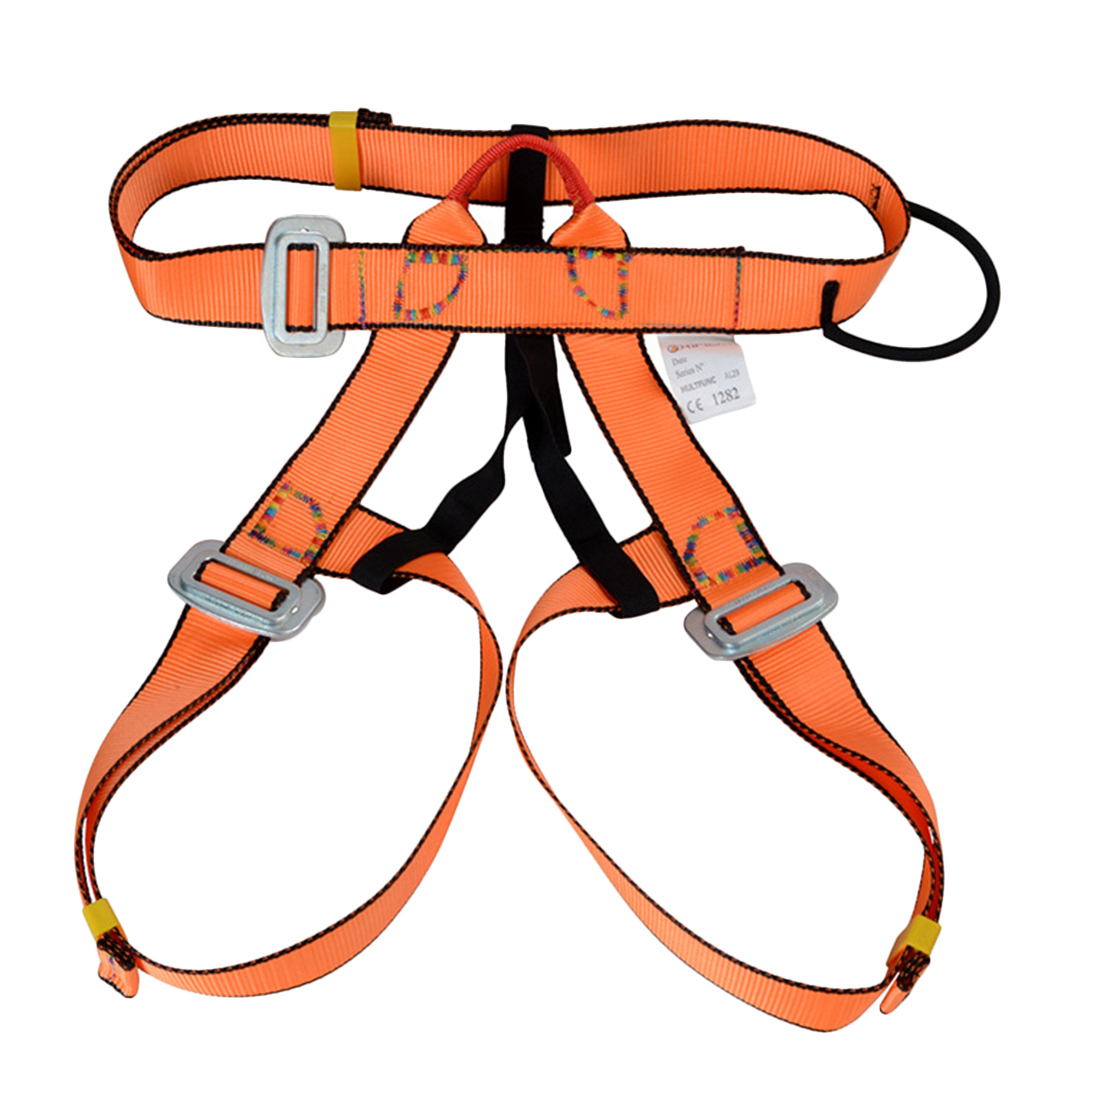 1100x1100 Climbing Harness Clipart